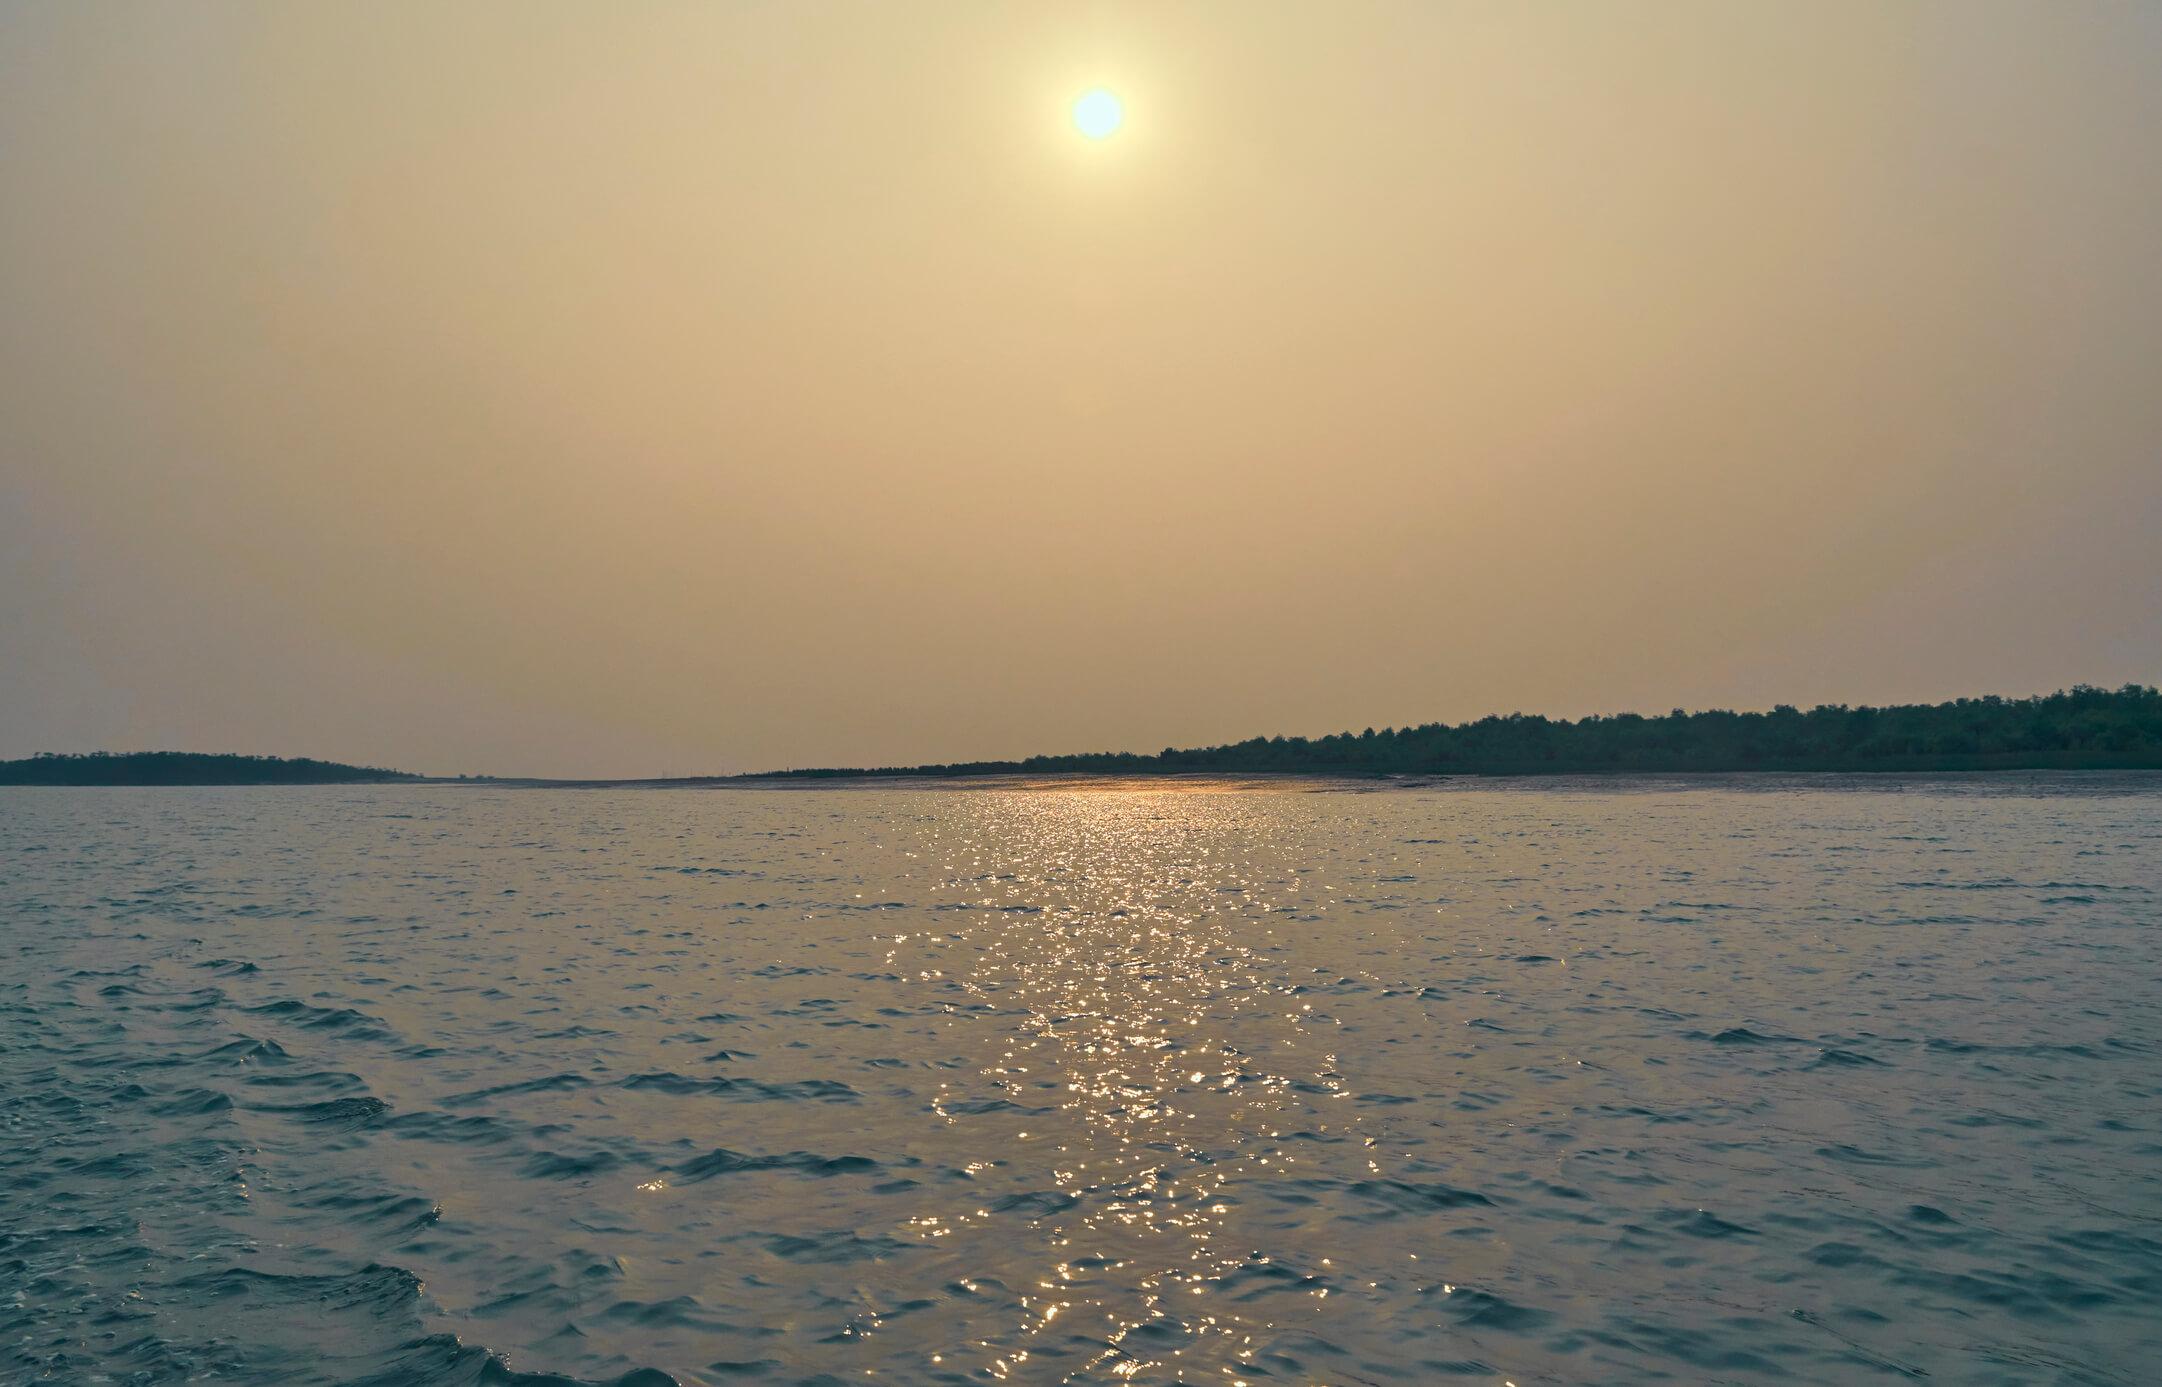 Sagar Island and Mousuni Island